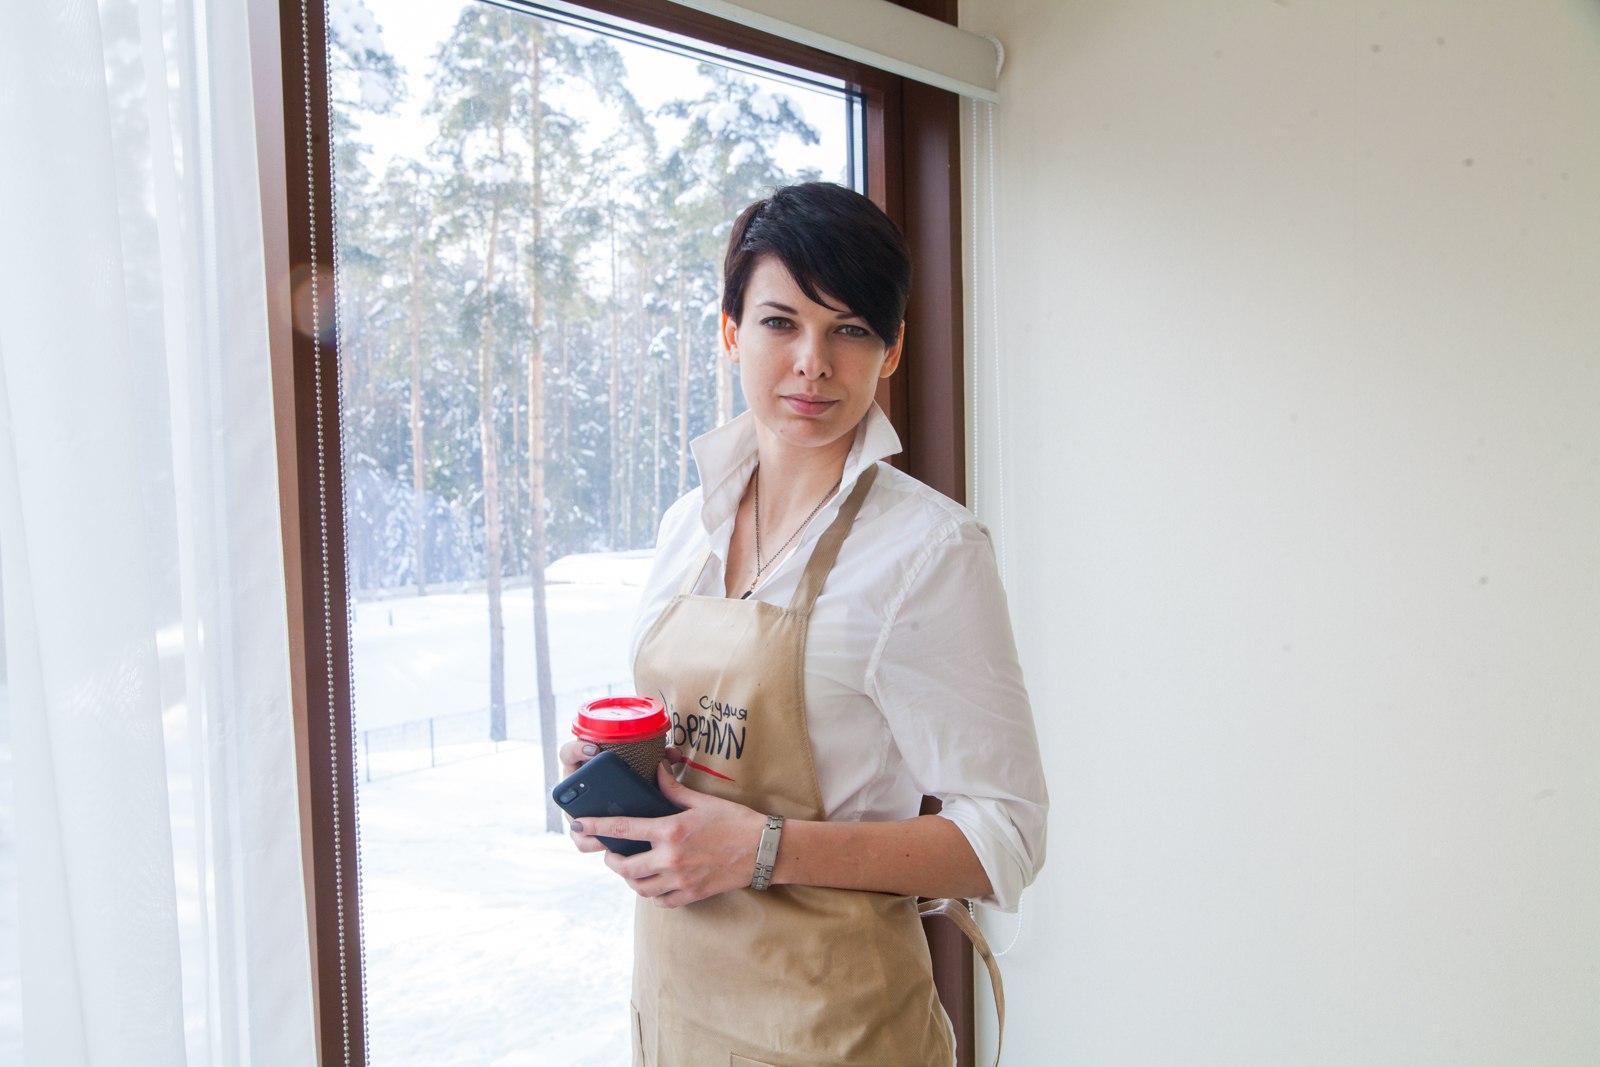 ИСКУССТВО БИЗНЕСА от Анны ЛИБЕР: как нарисовать успешное дело